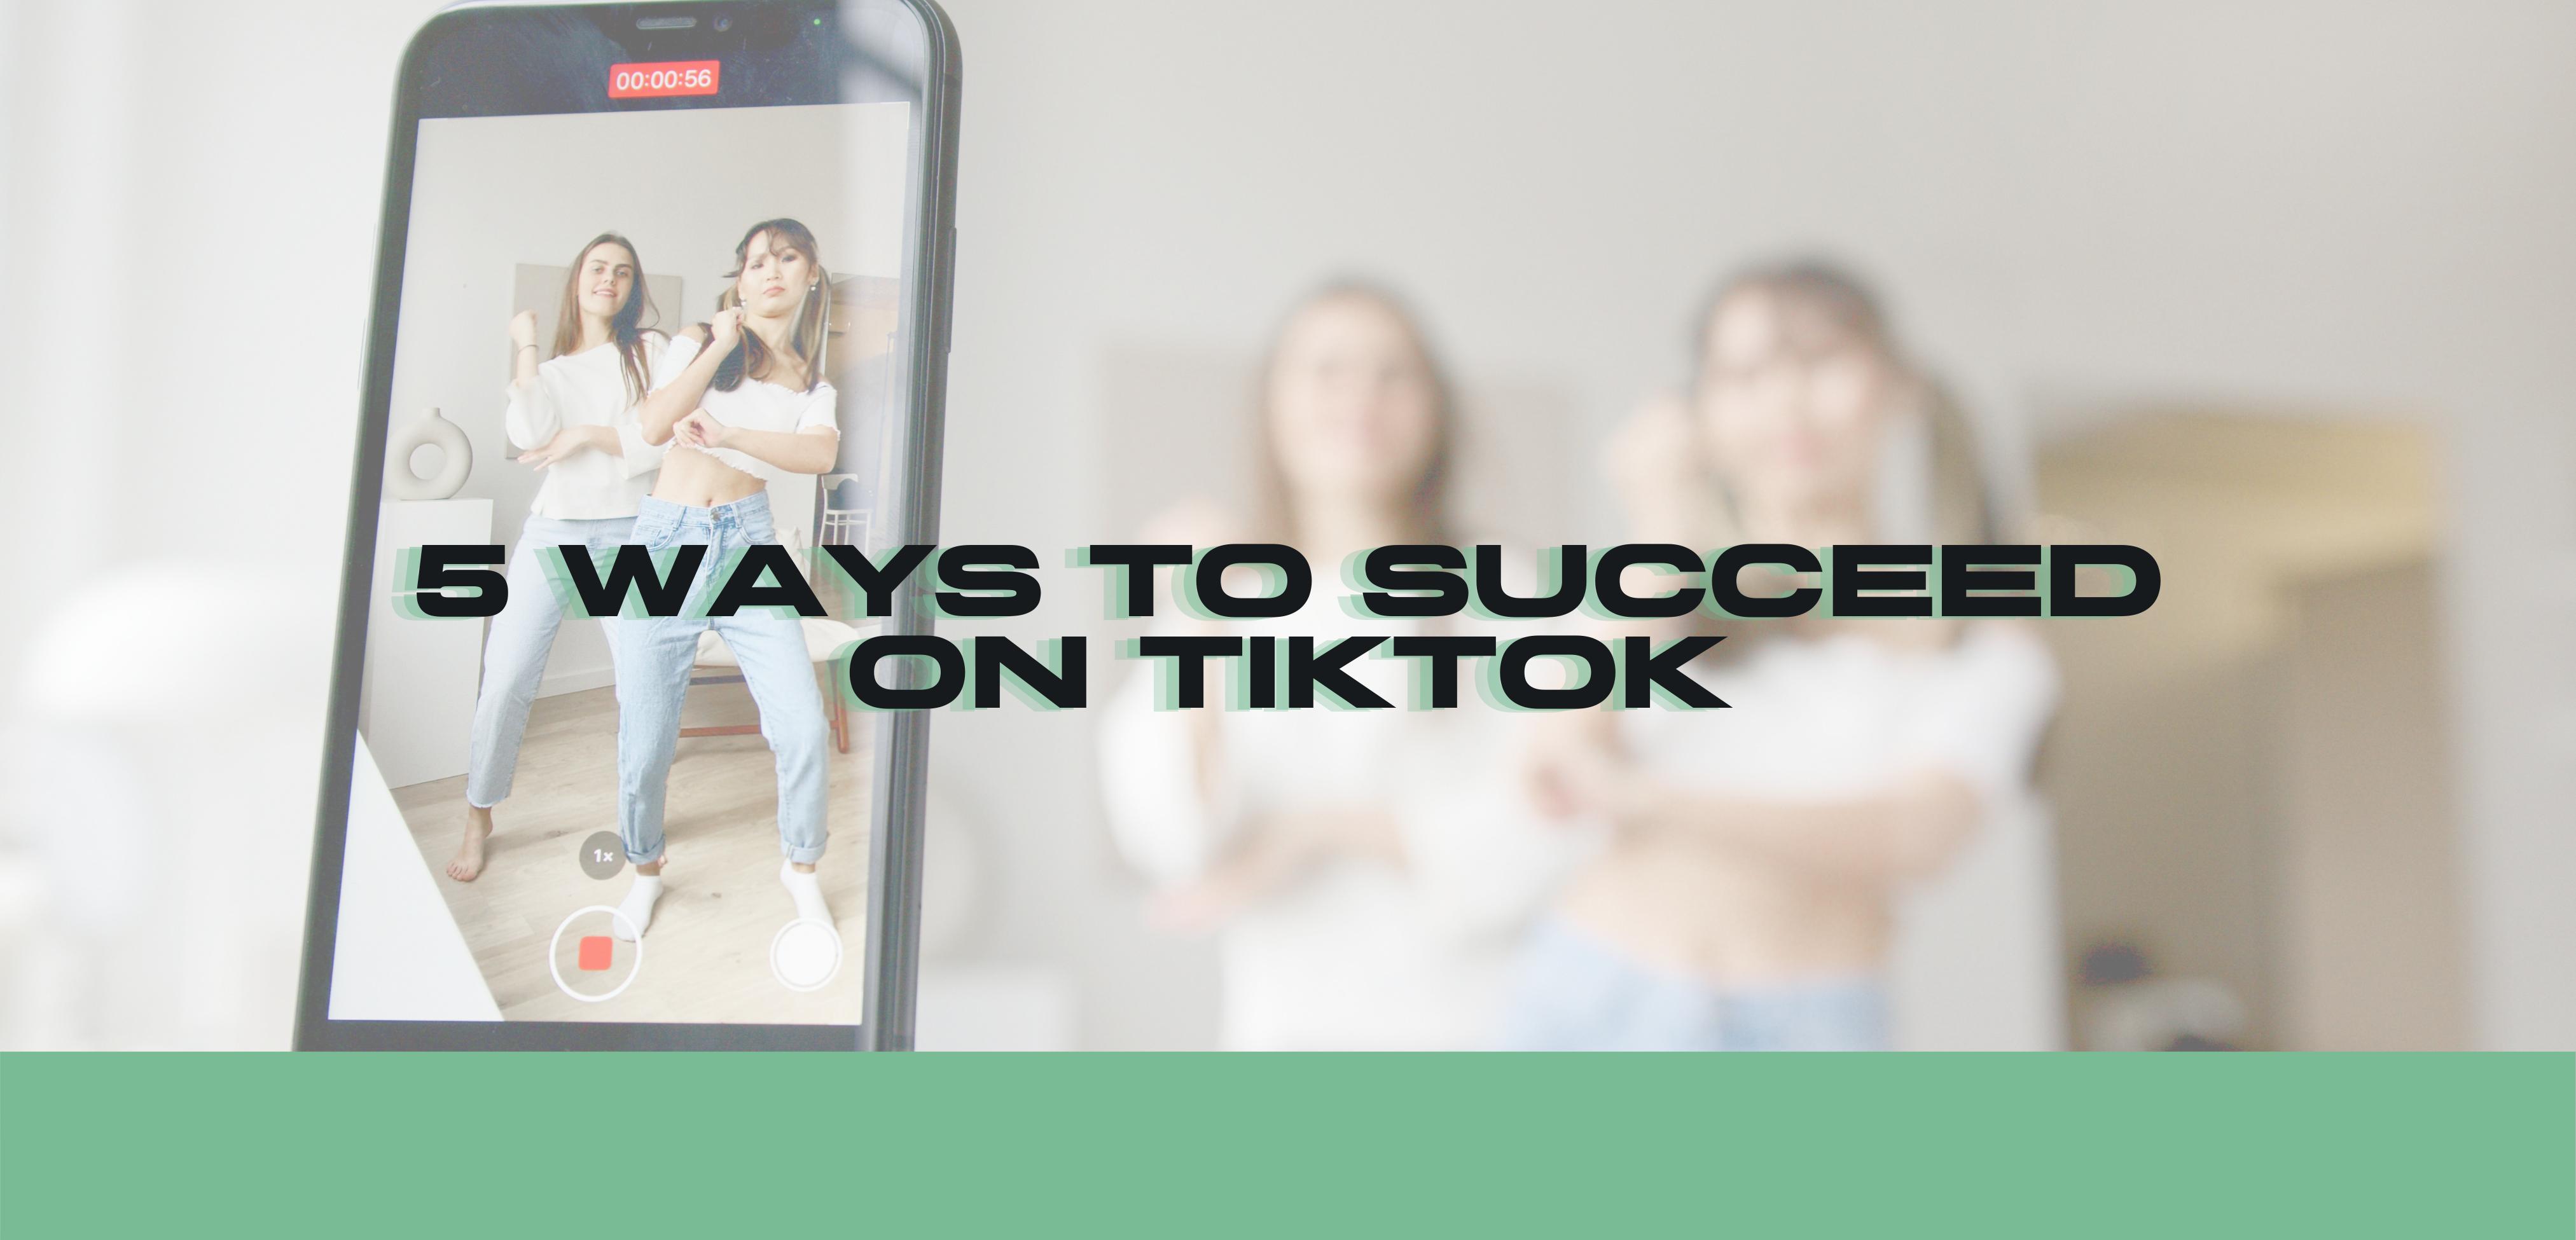 5 Ways to Succeed on TikTok